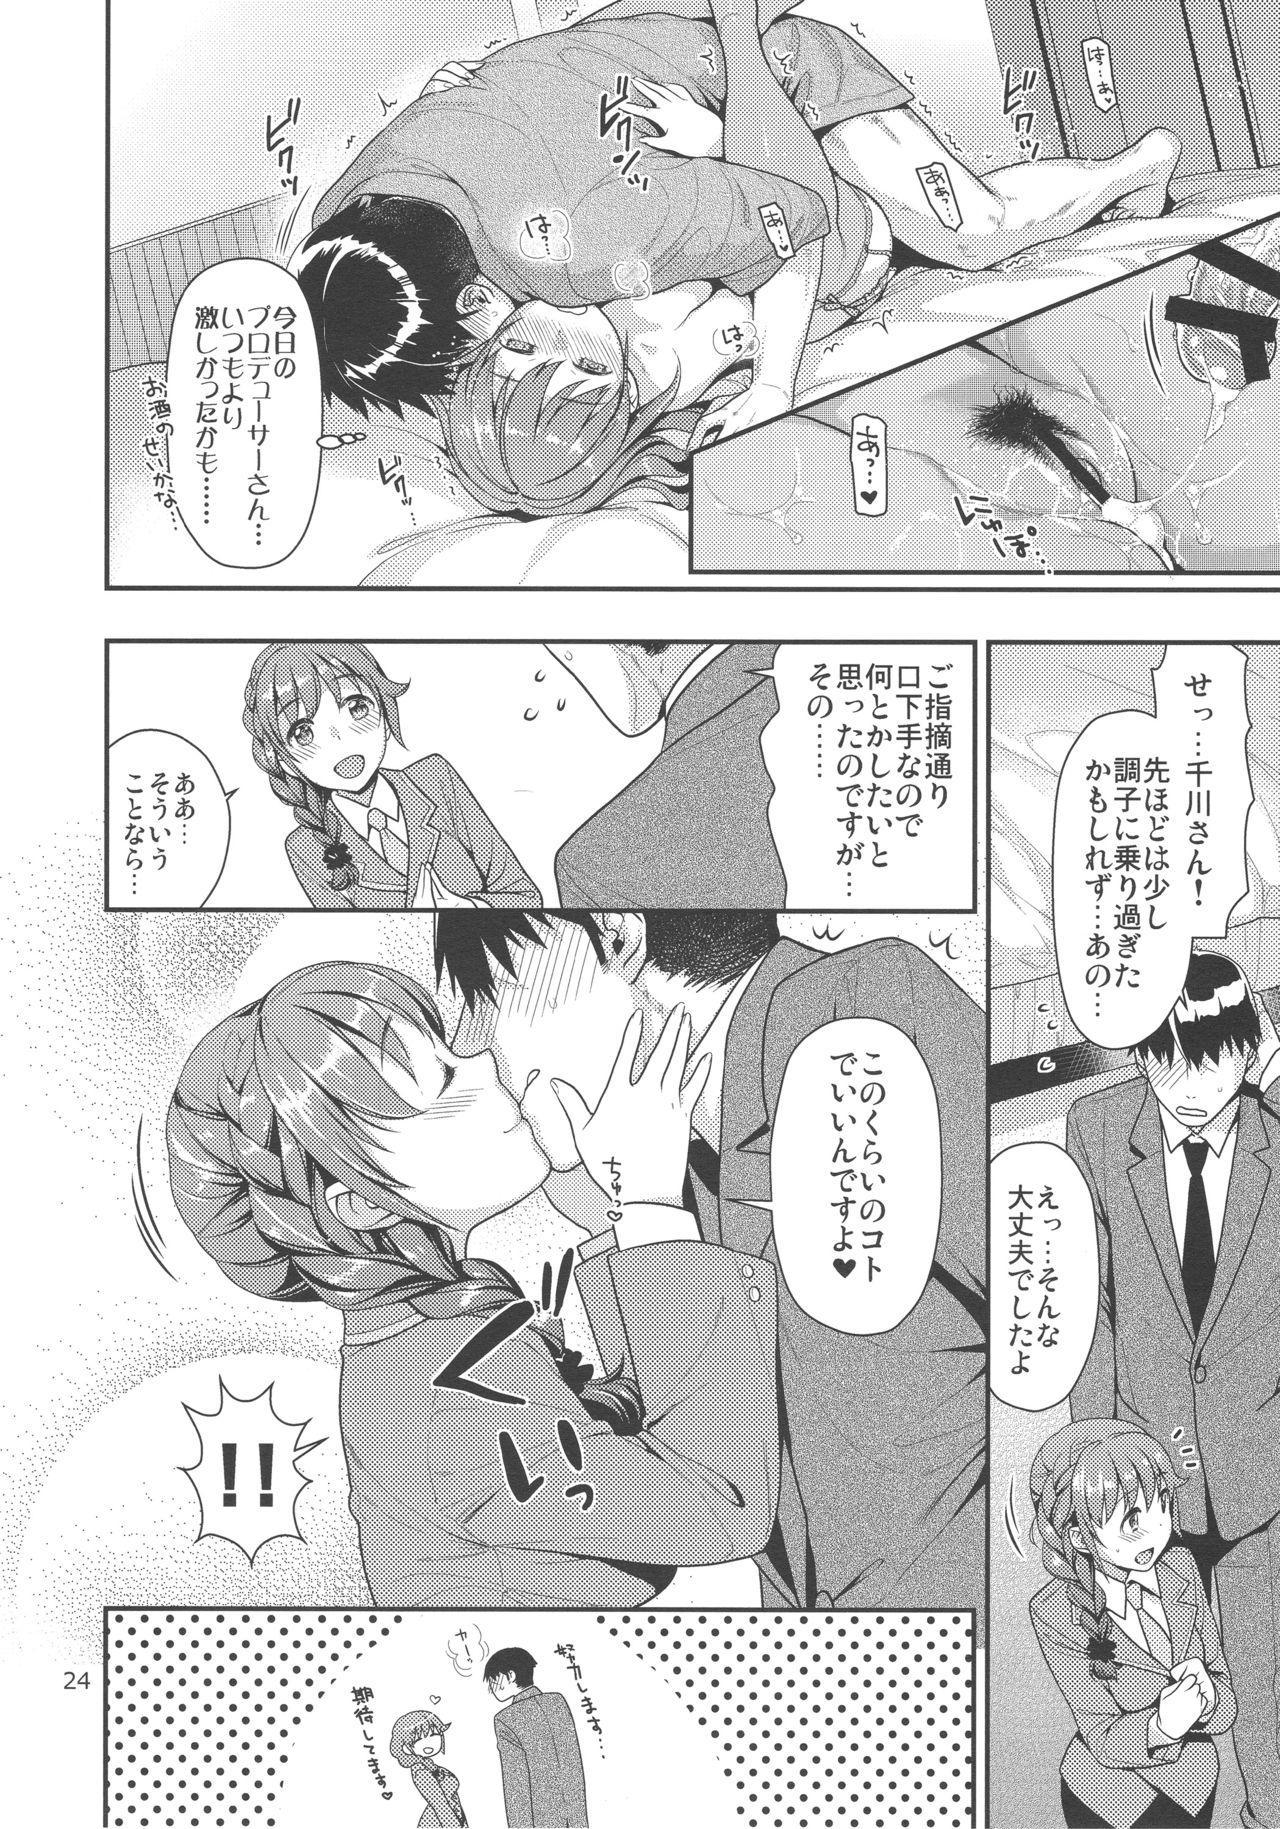 Chihiro-san to Love Hotel de H Suru Hon 22